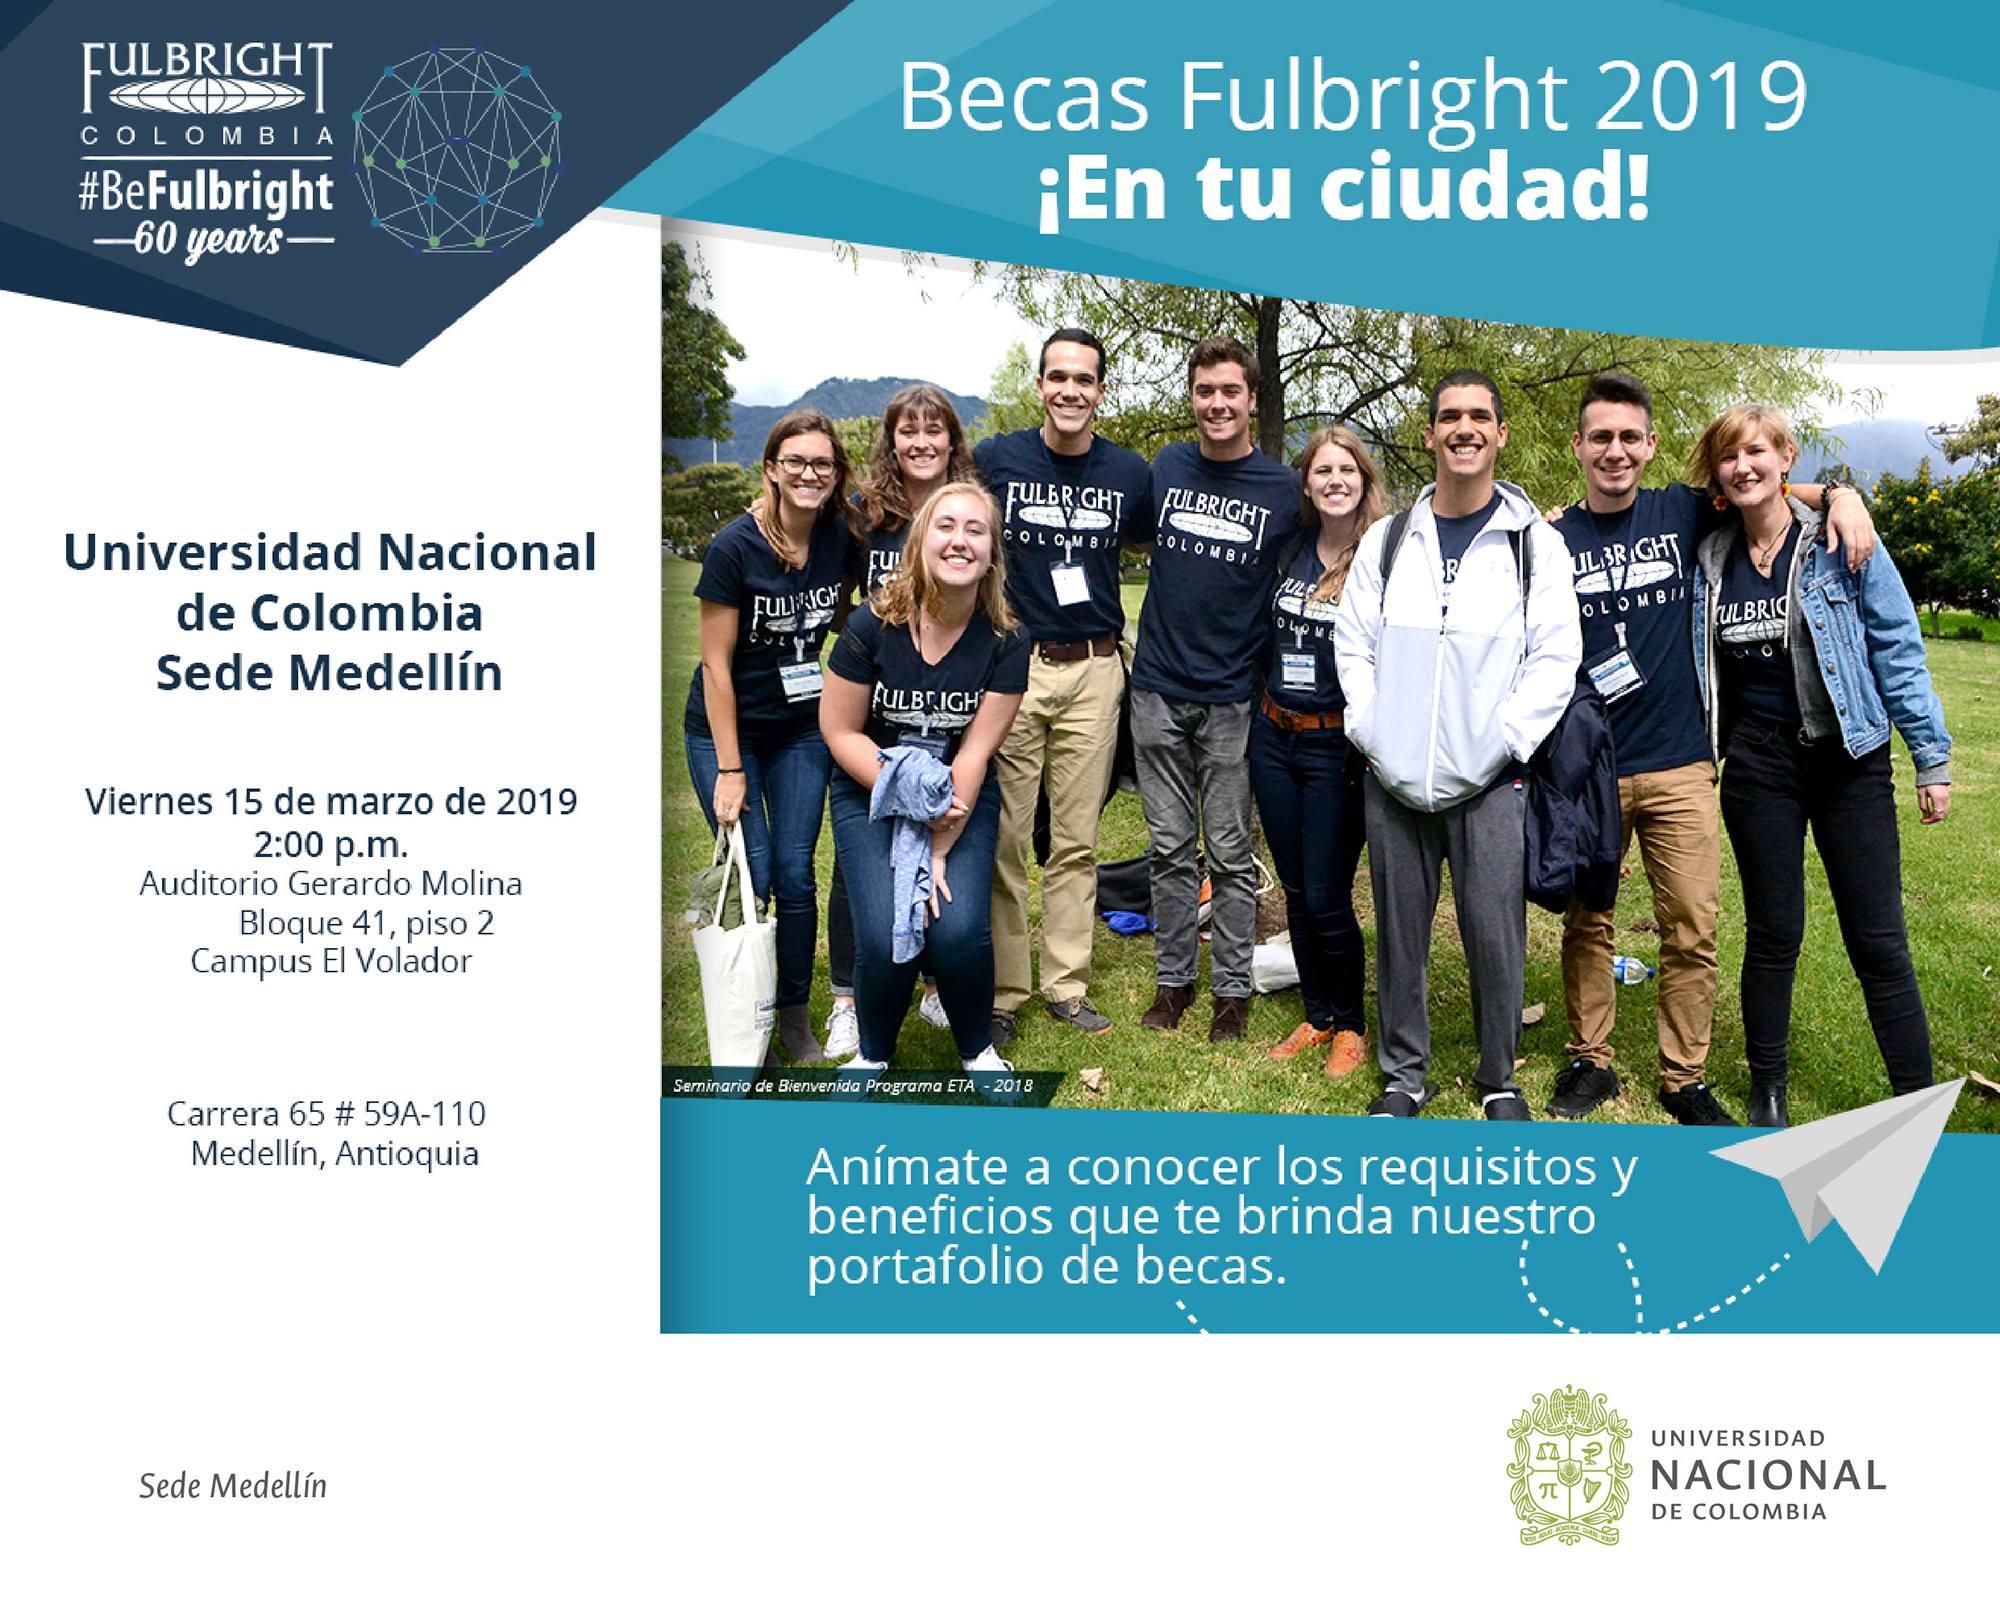 Seminario en la U. N. sede Medellín: 15 mar. 2019, 14:00